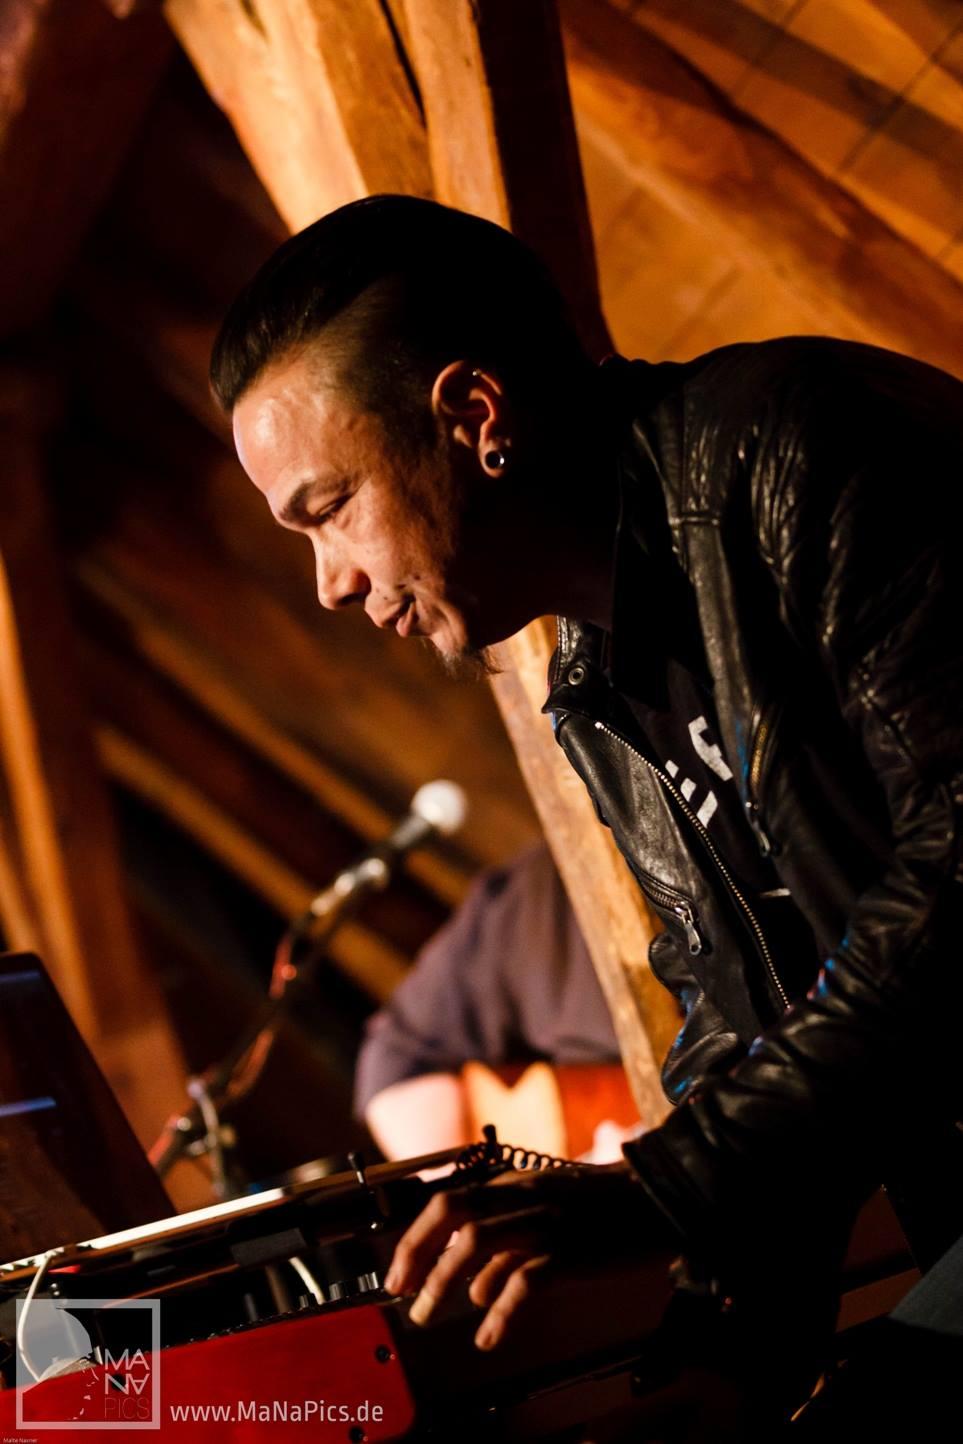 Matthias Monka record release 2017 Kito Bremen